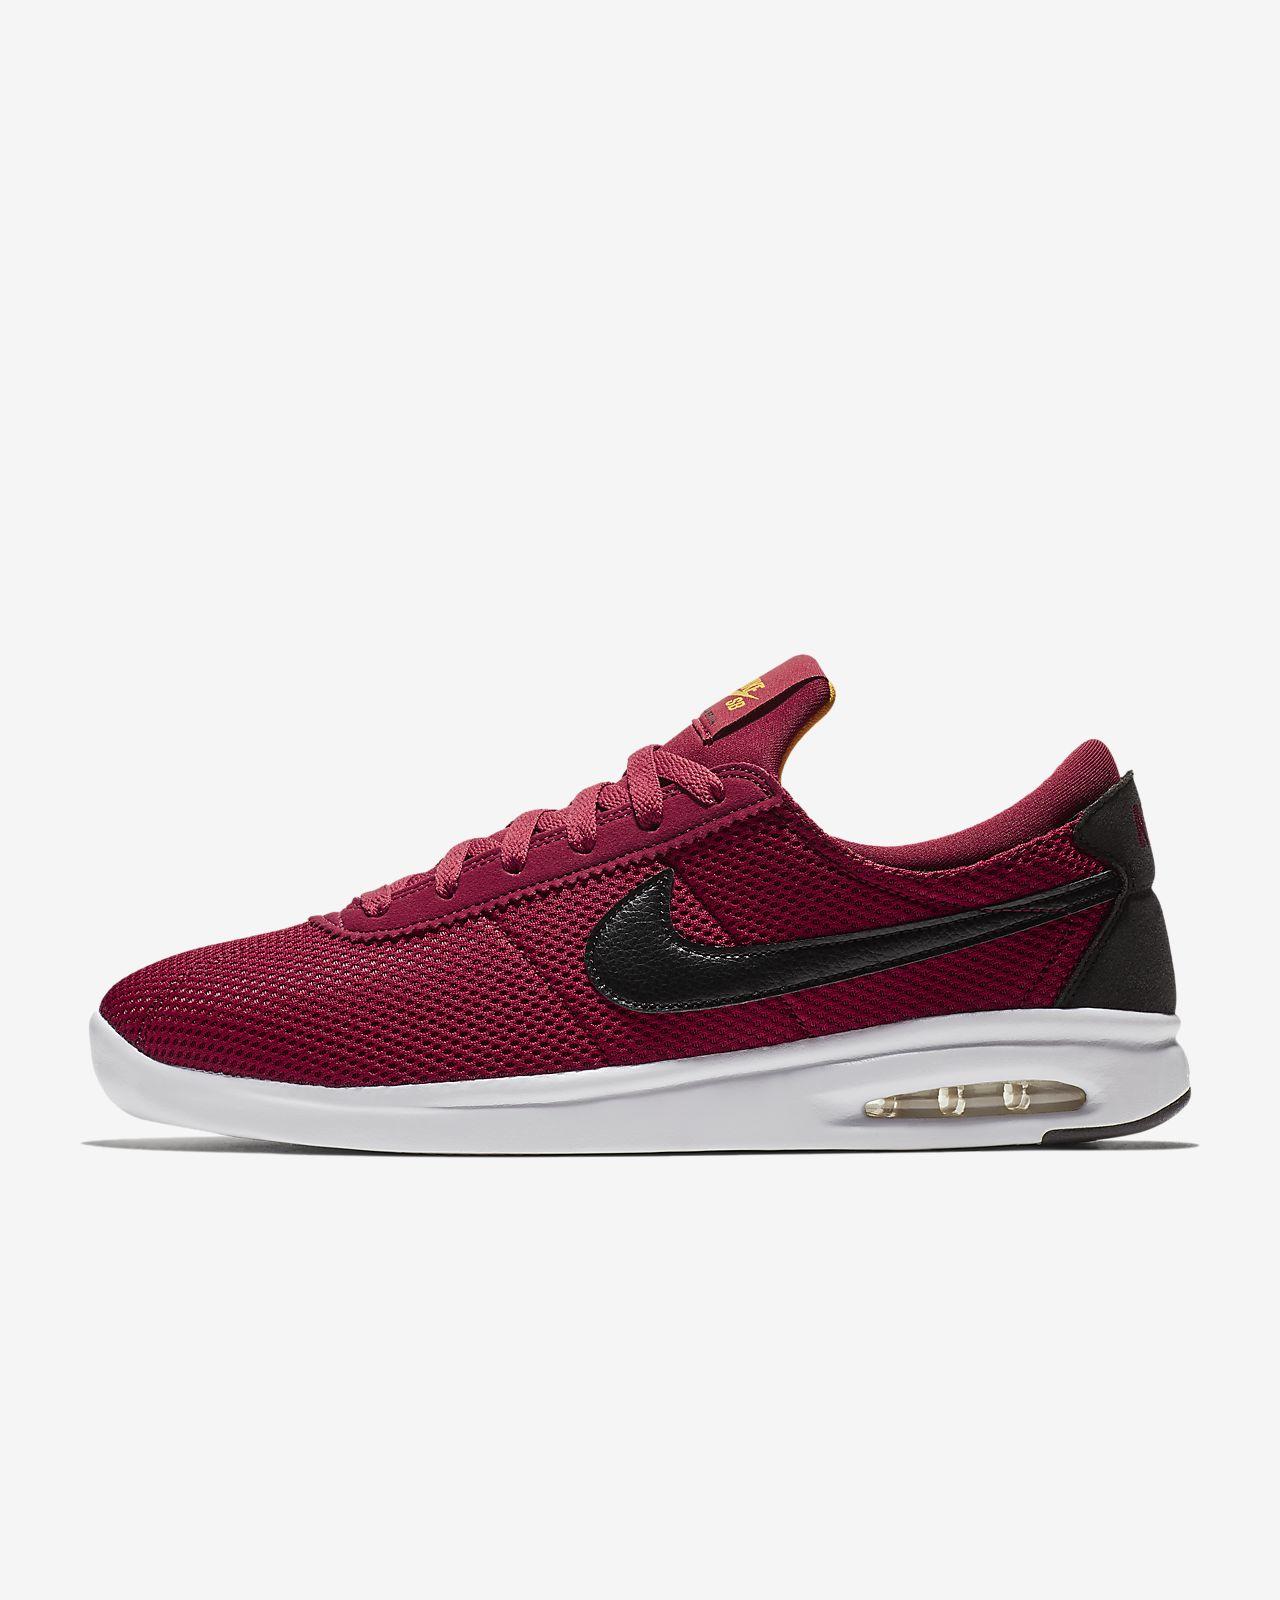 pretty nice 14974 7b684 ... shop chaussure de skateboard nike sb air max bruin vapor pour homme  45039 0e0f1